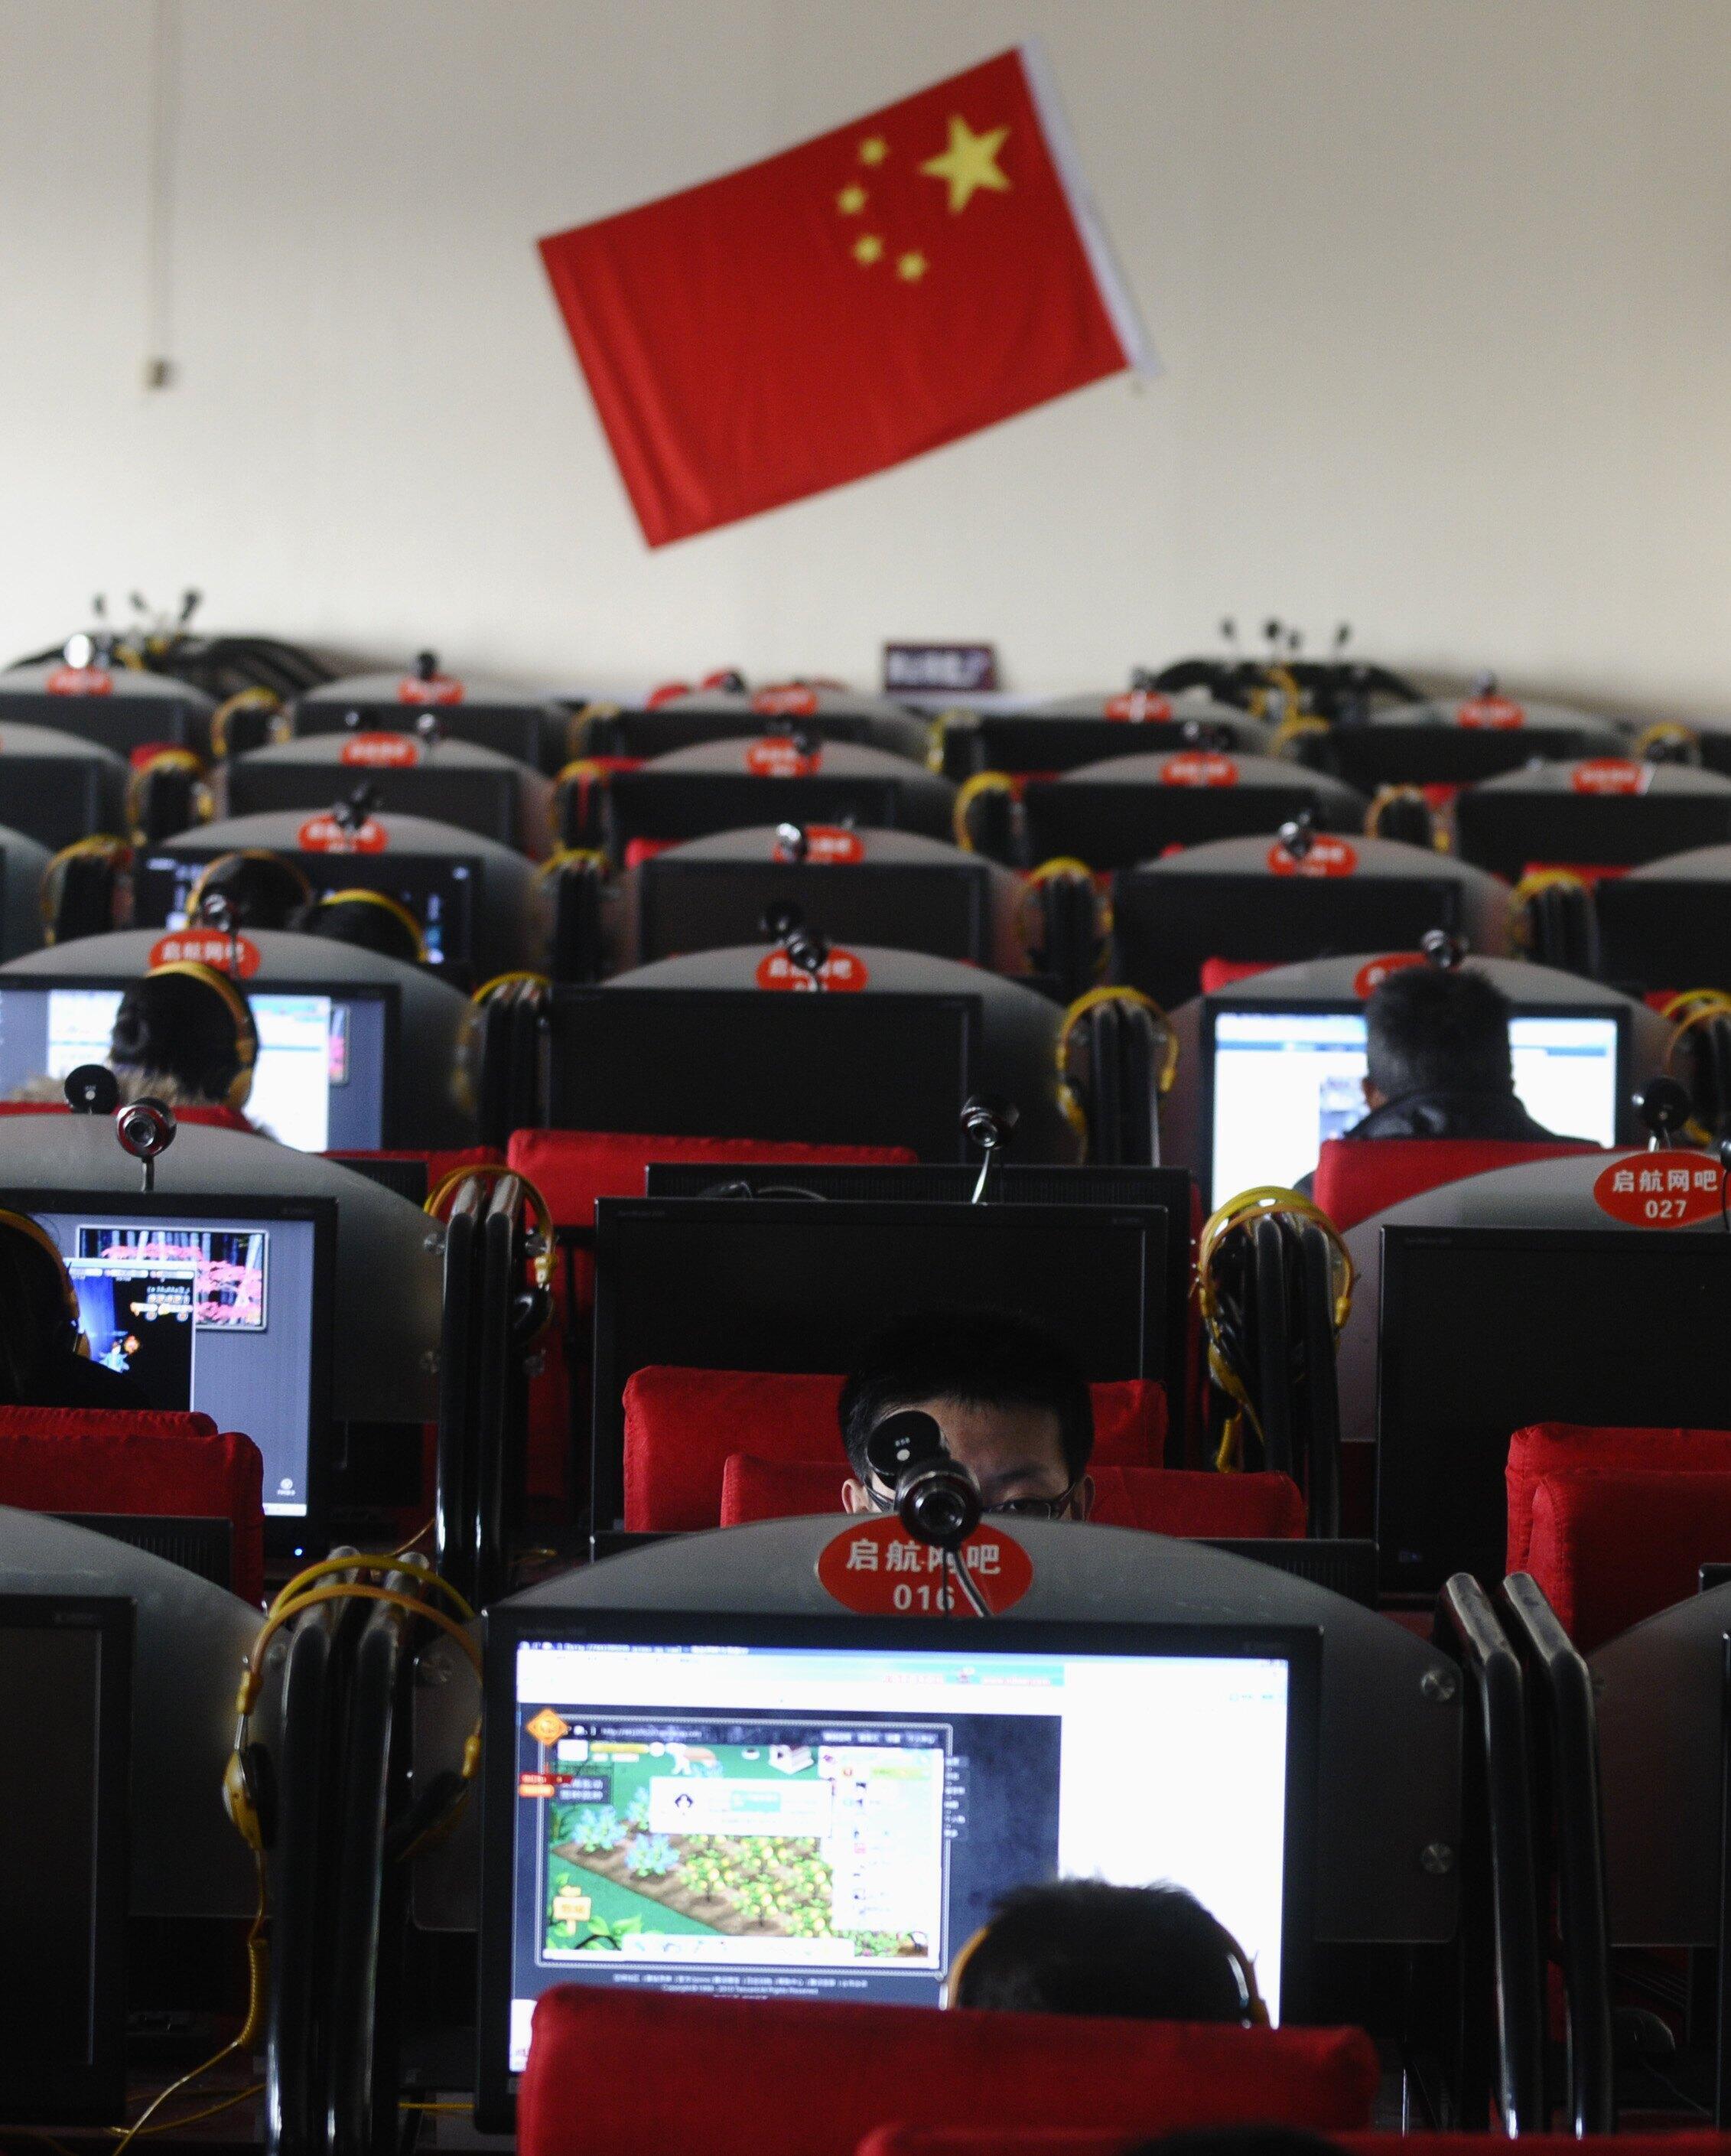 Một cửa hàng dịch vụ internet ở Thiểm Tây, Trung Quốc.